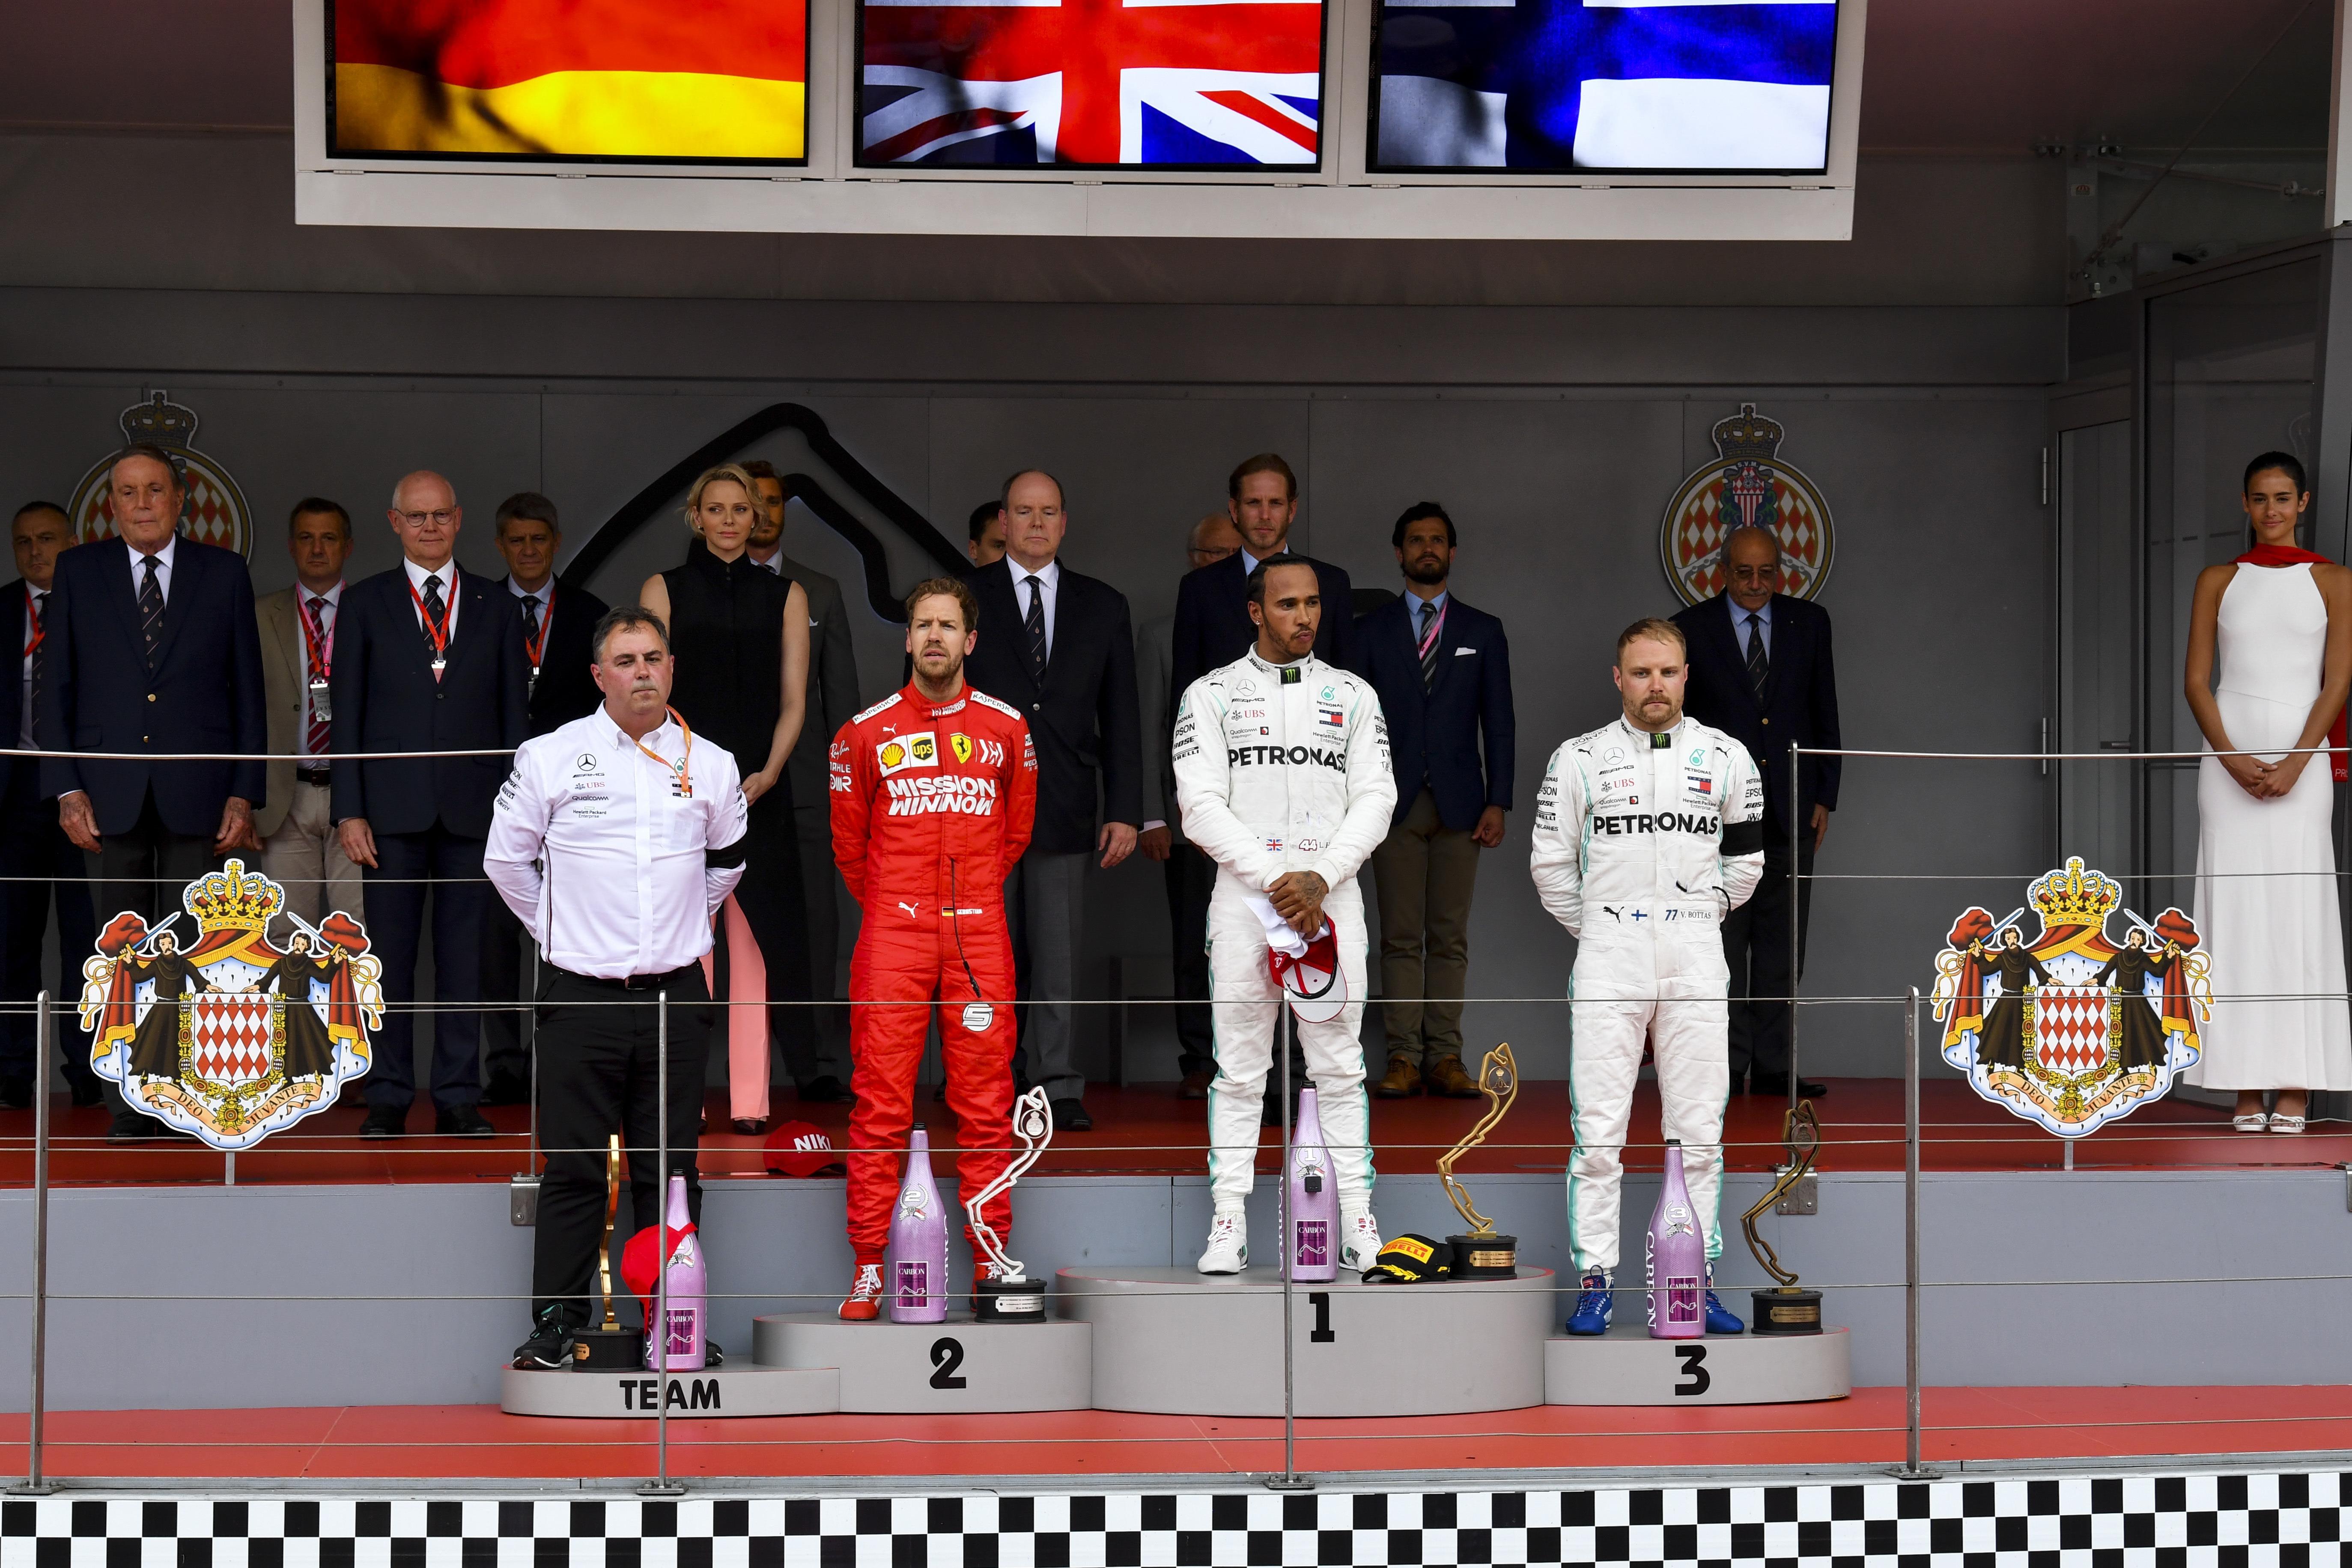 Race Results 2019 Monaco F1 Grand Prix